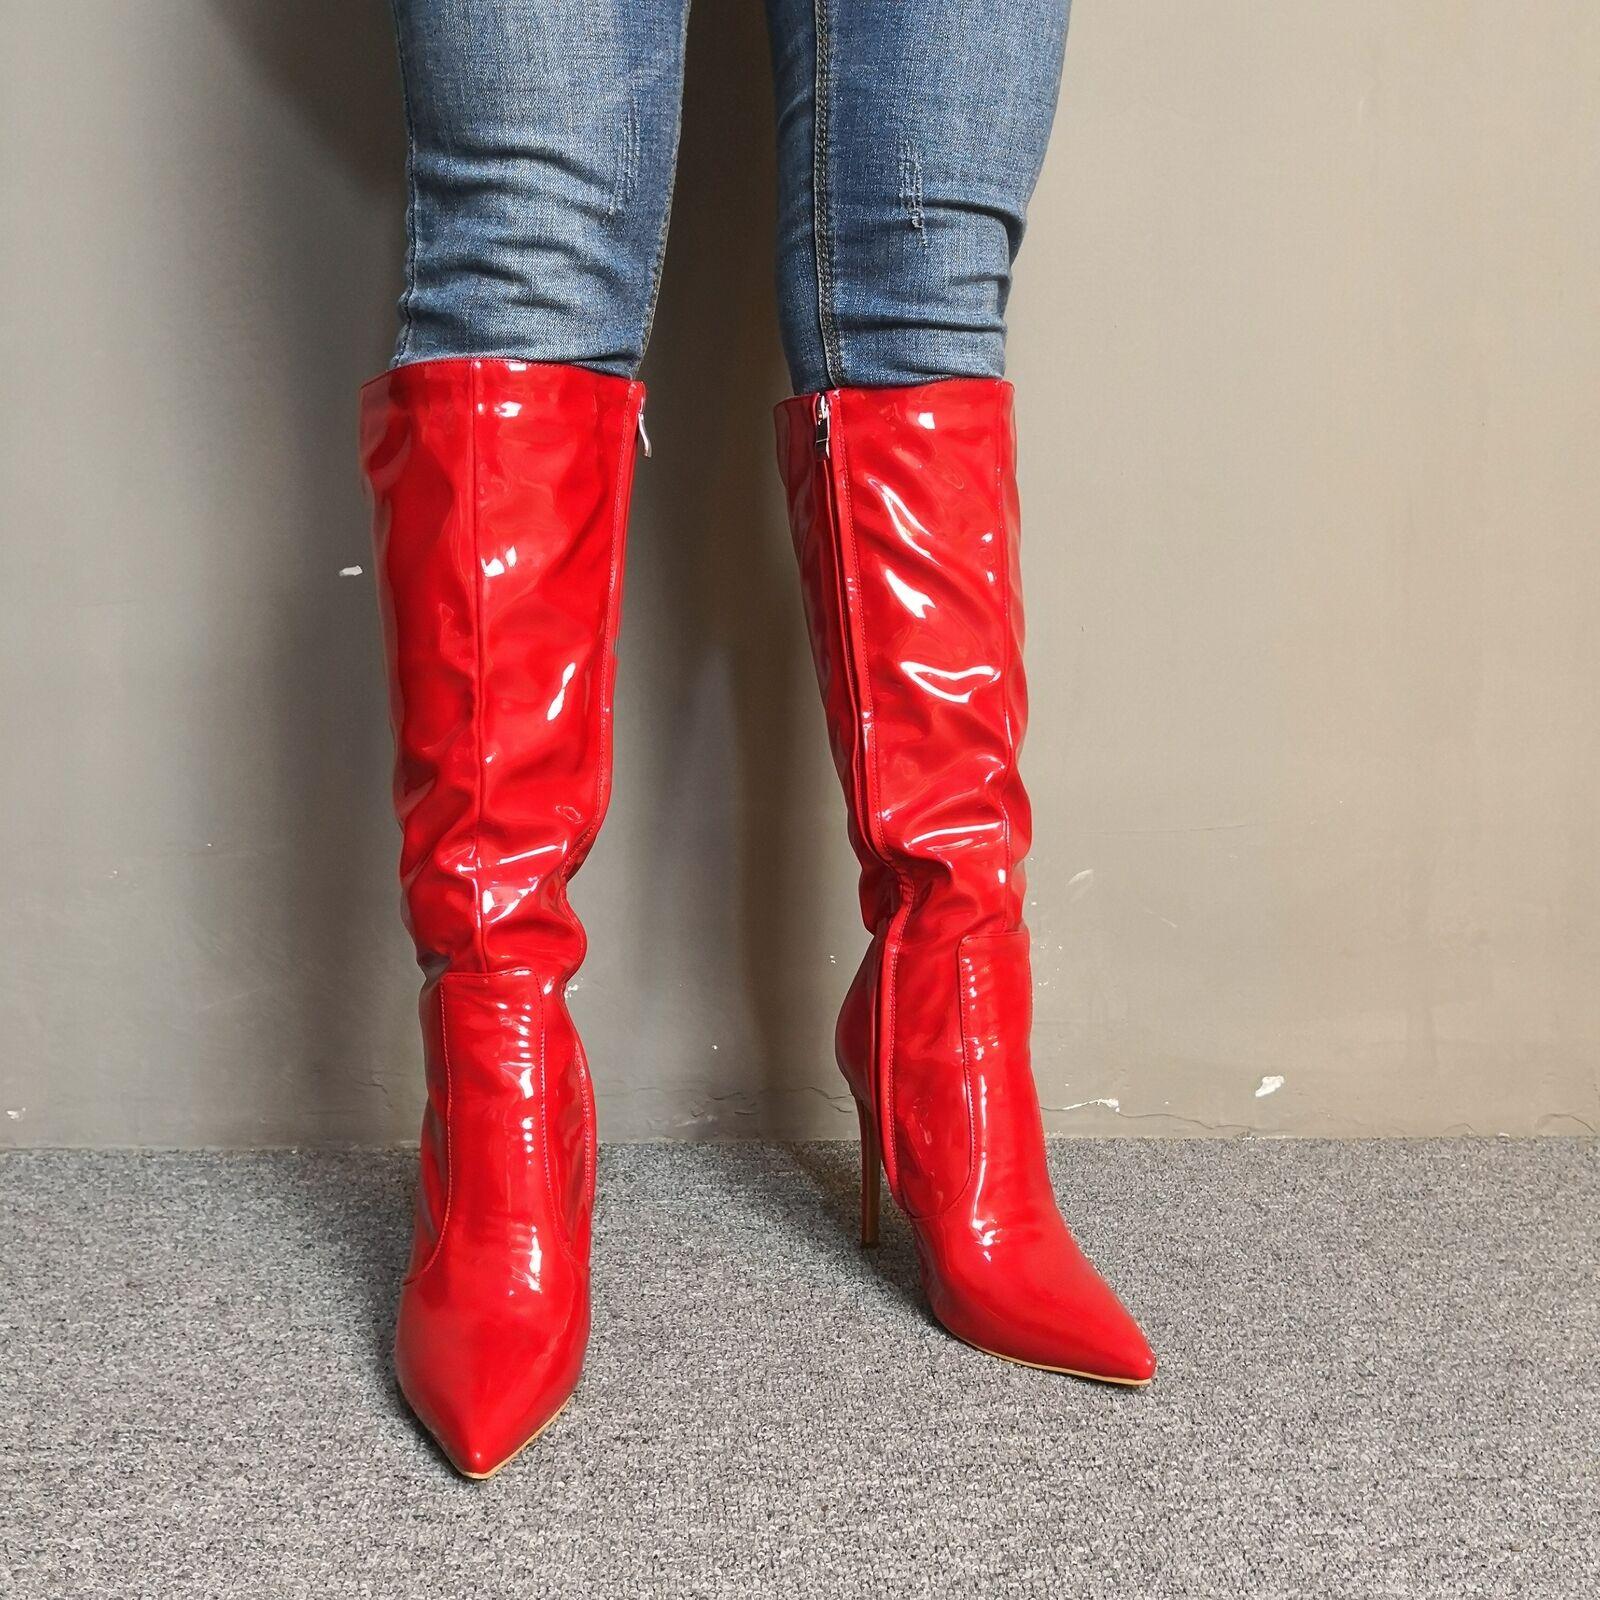 Wadenhohe Rot Spitz Zehe Stiefel Damen High Stiletto Heels Elegant Reißverschluß